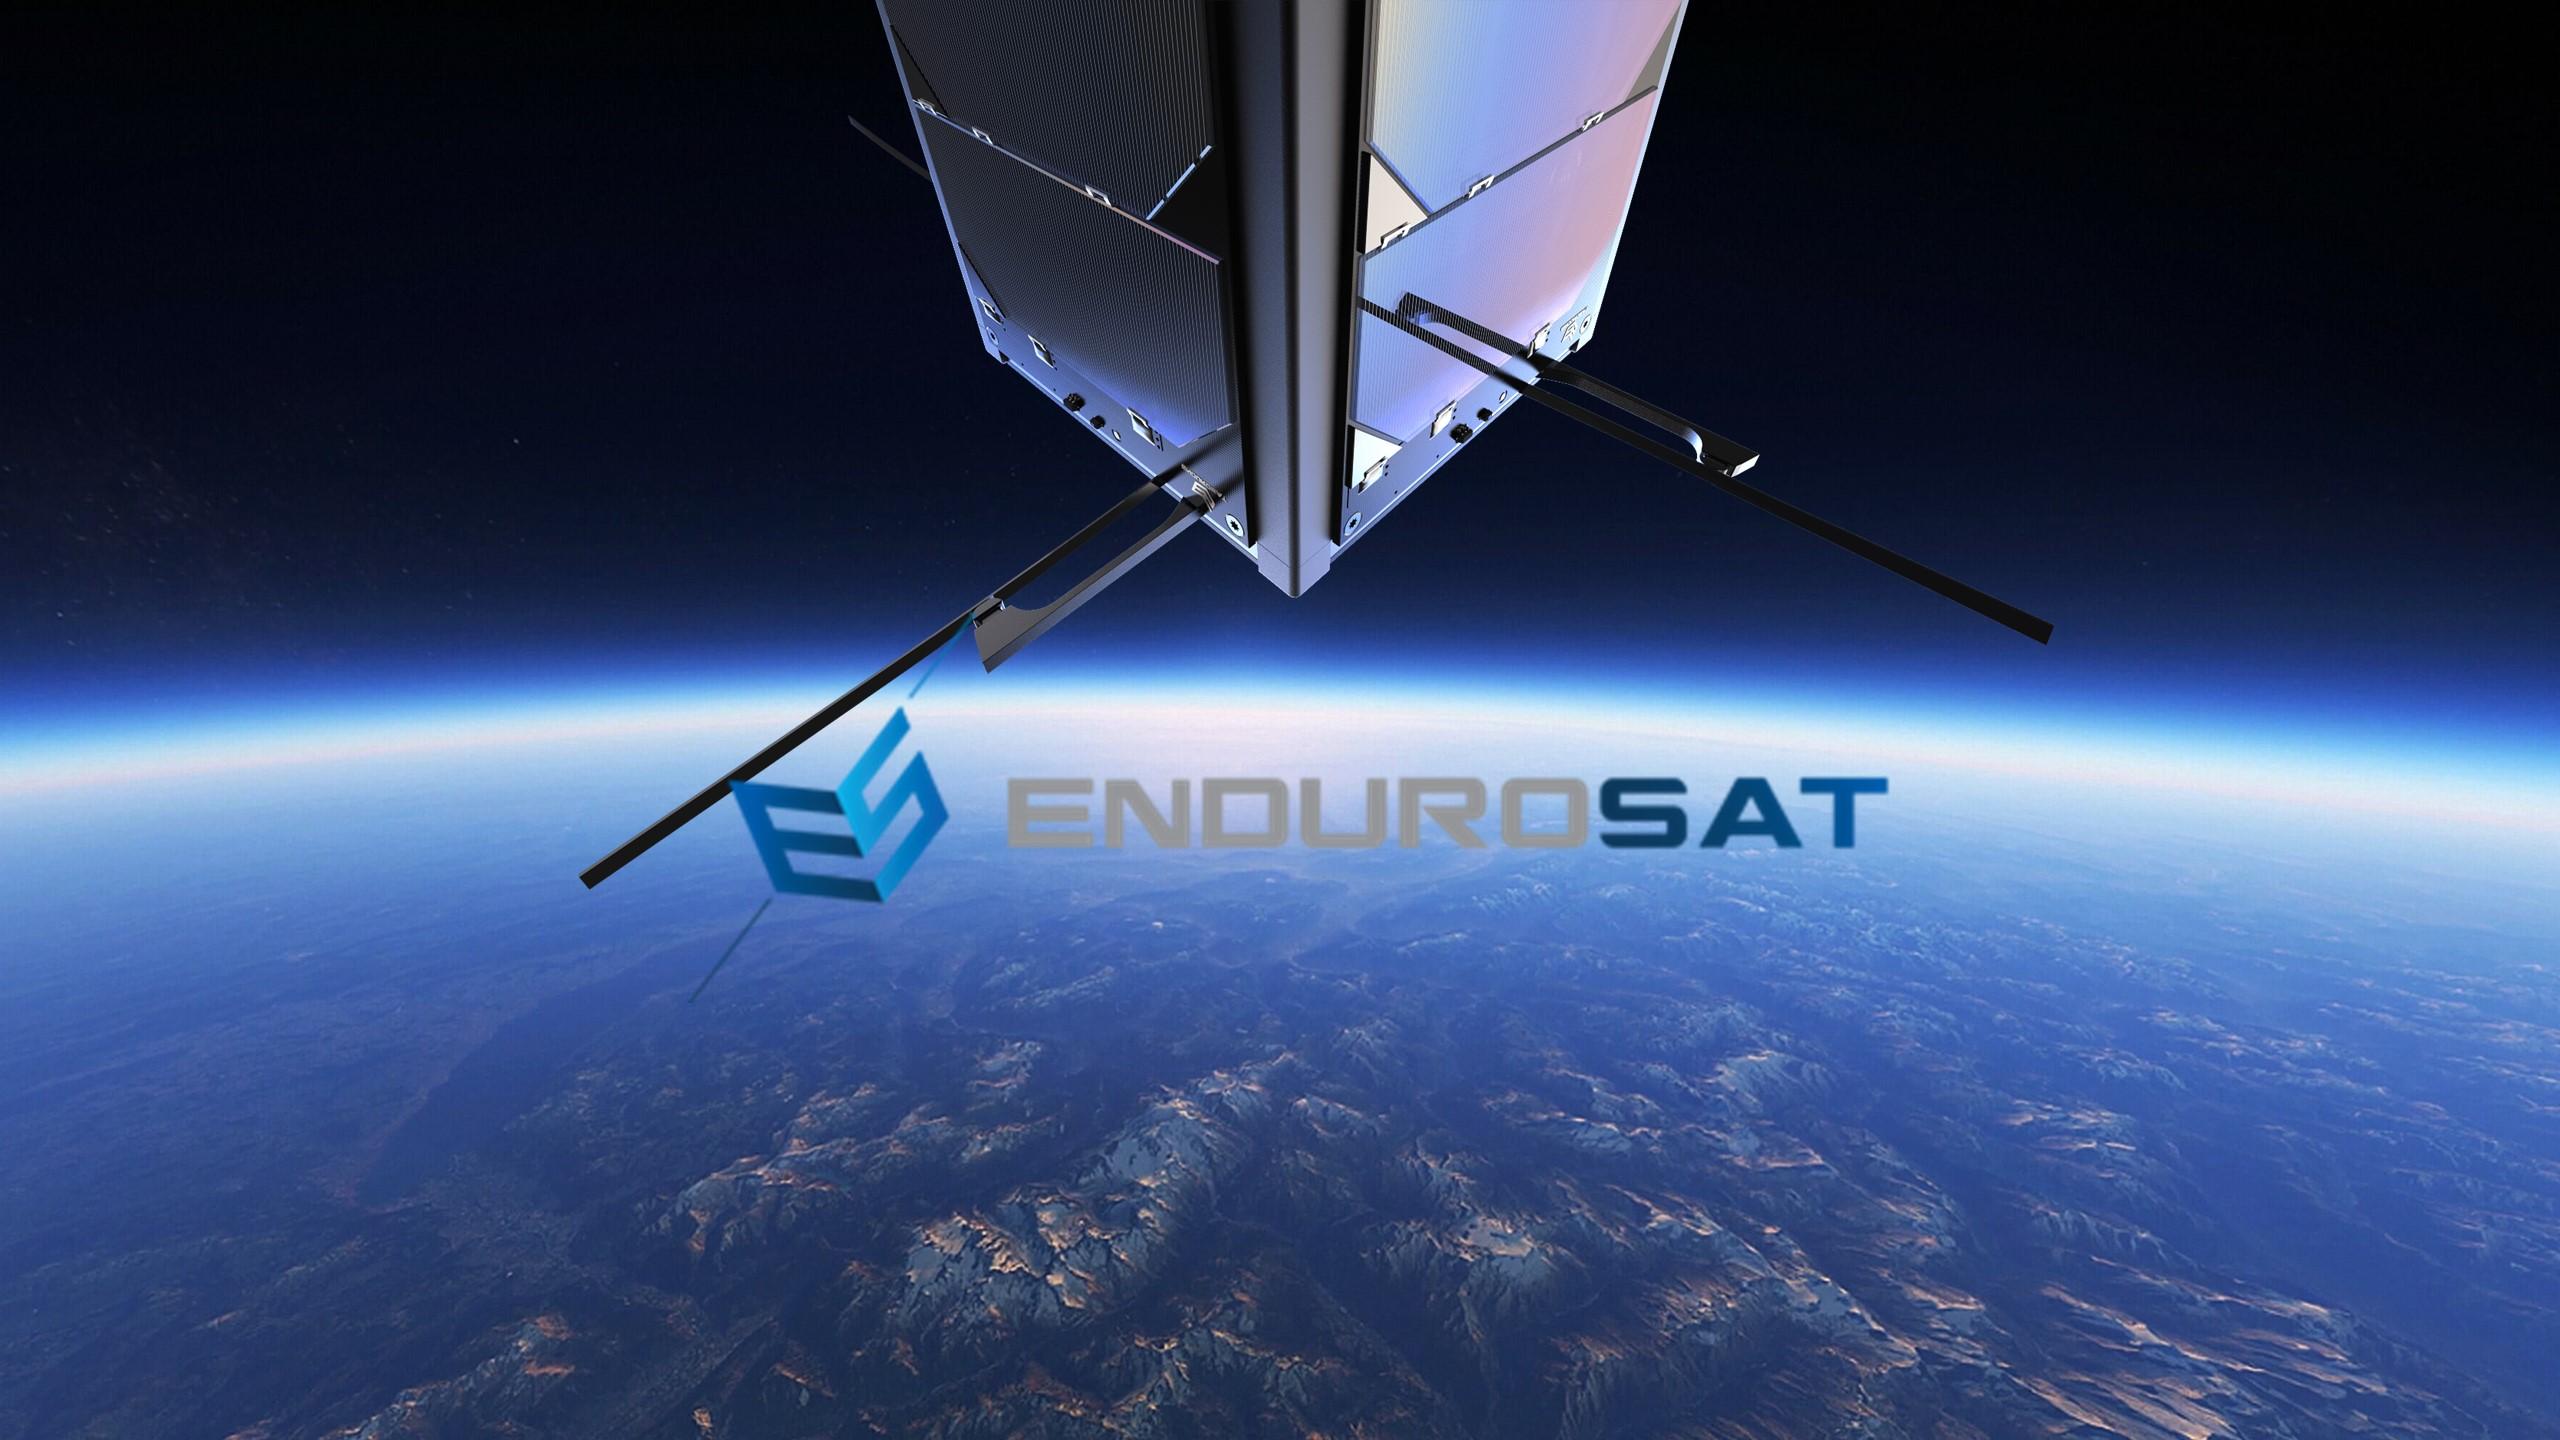 EnduroSat-orbit-image